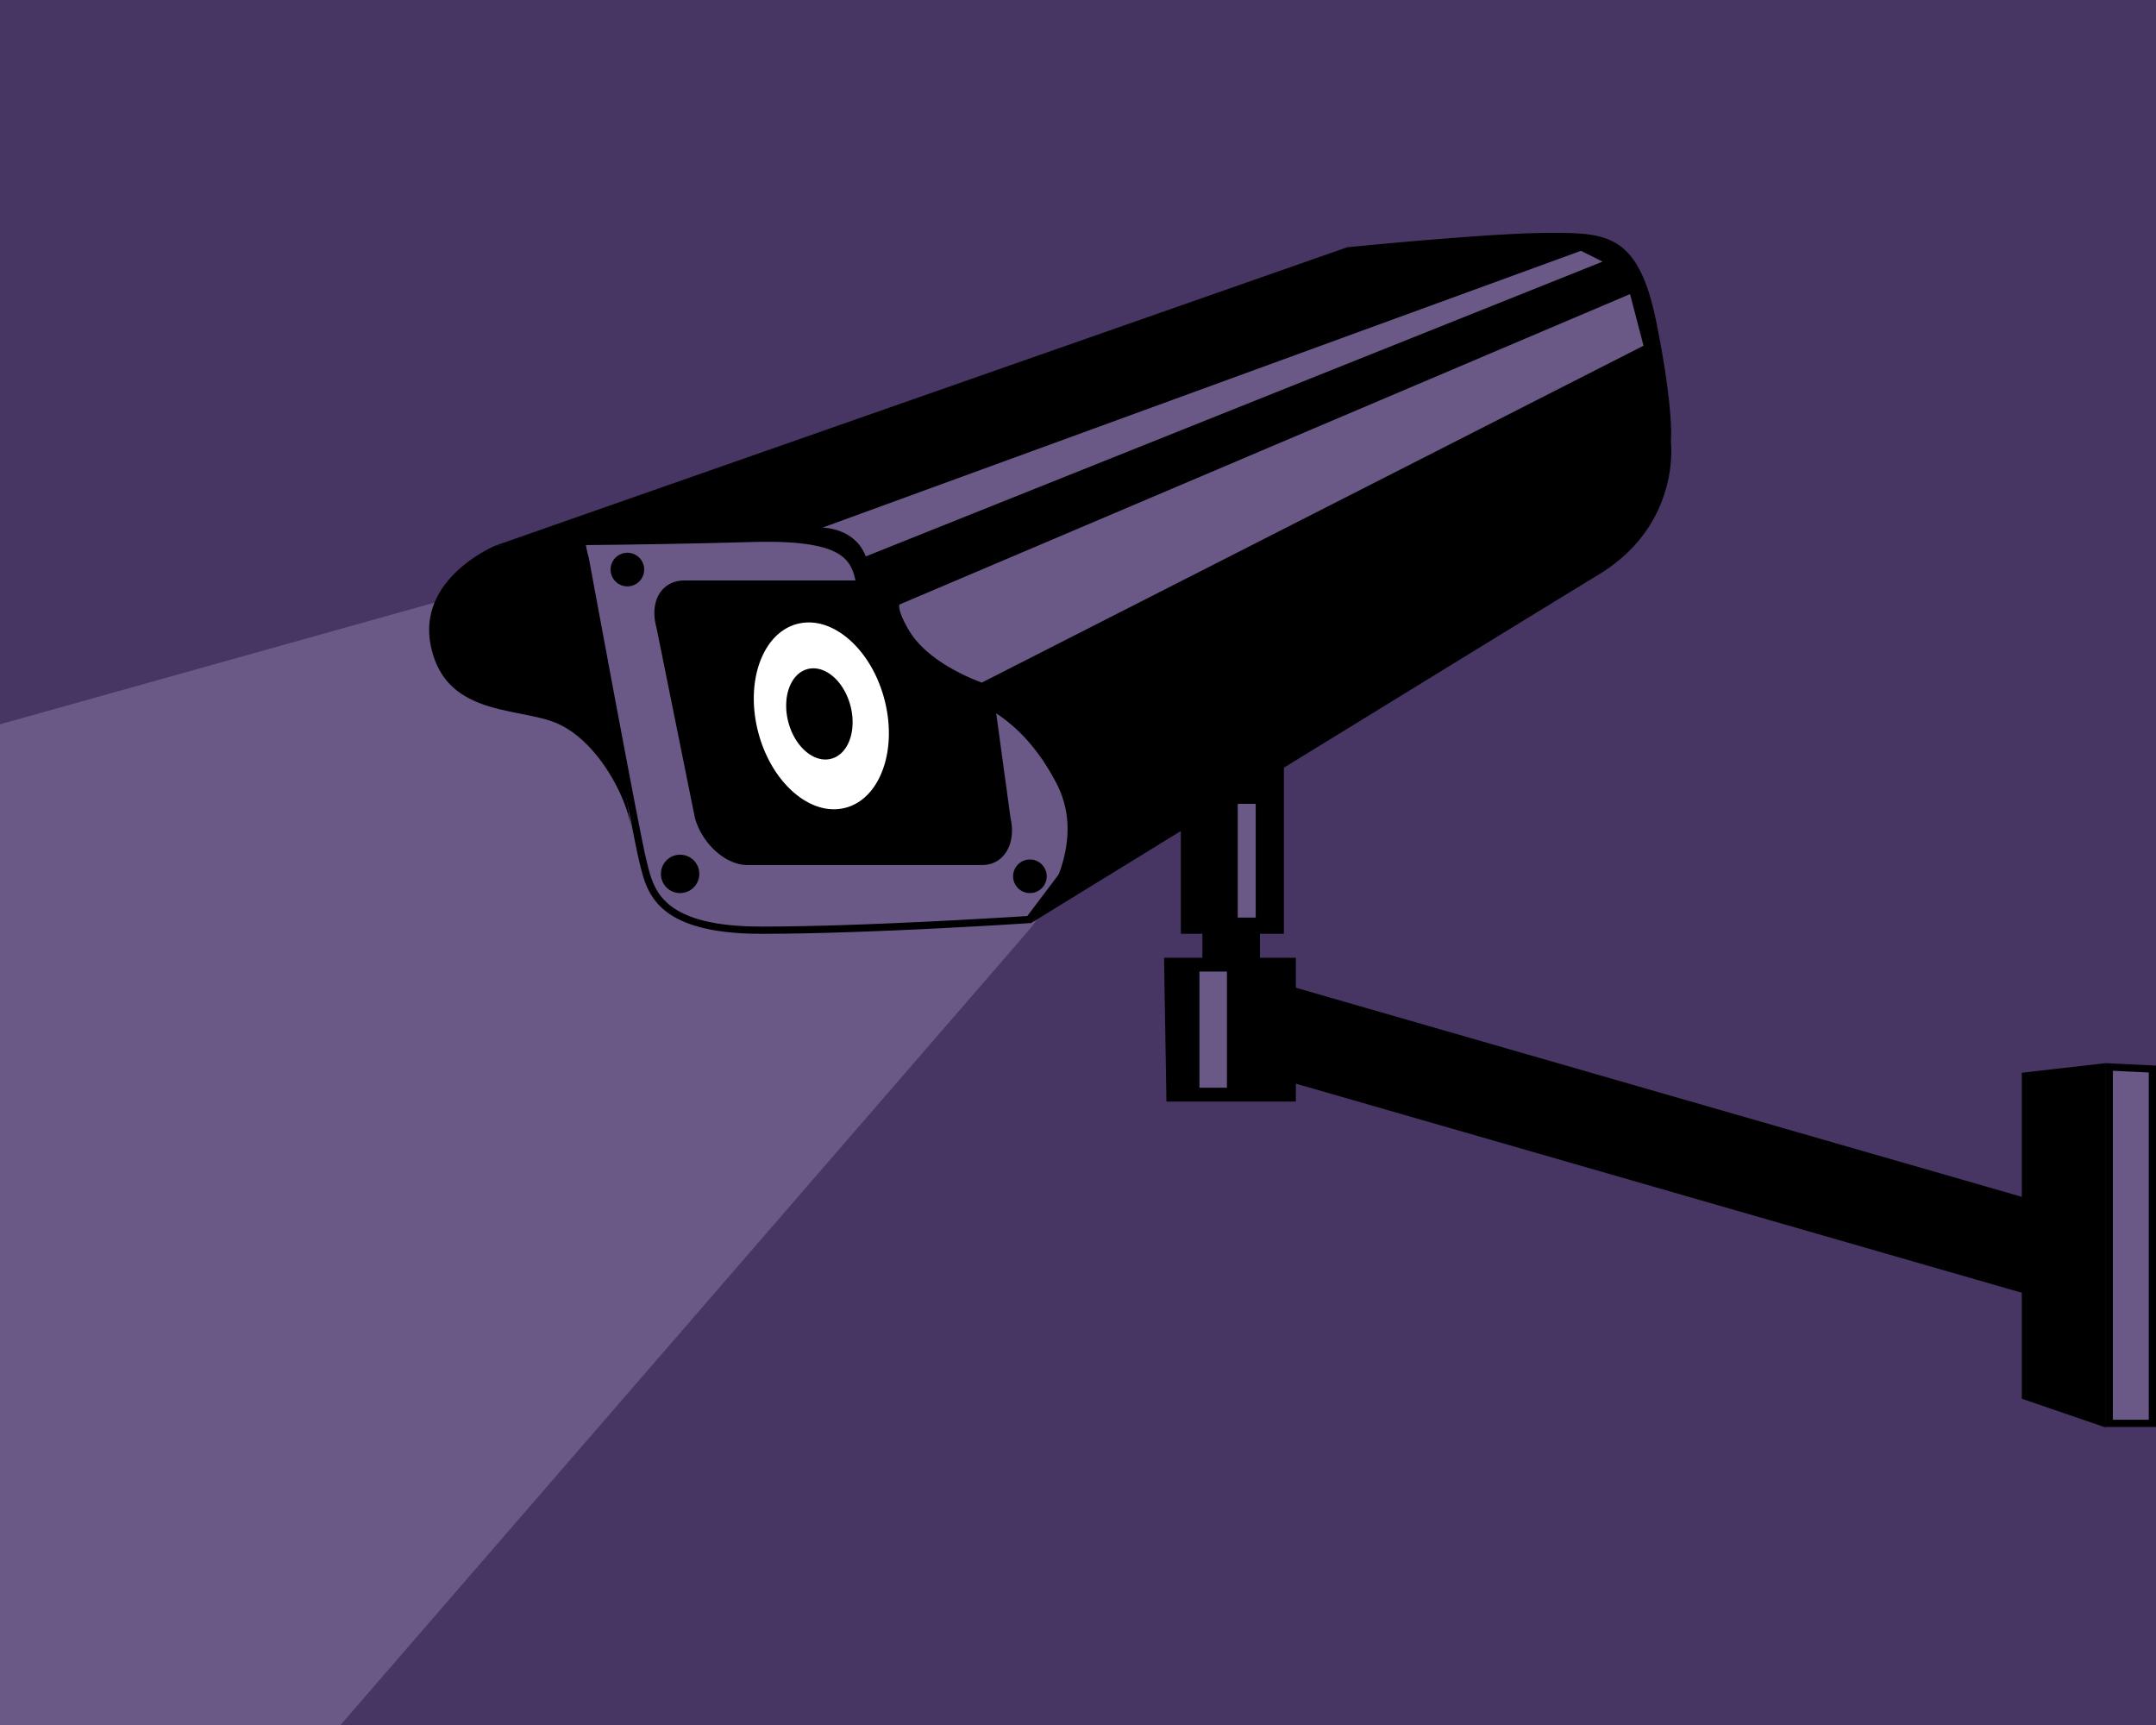 Utredning föreslår: FRA ska spionera på svenska folket åt utländsk makt